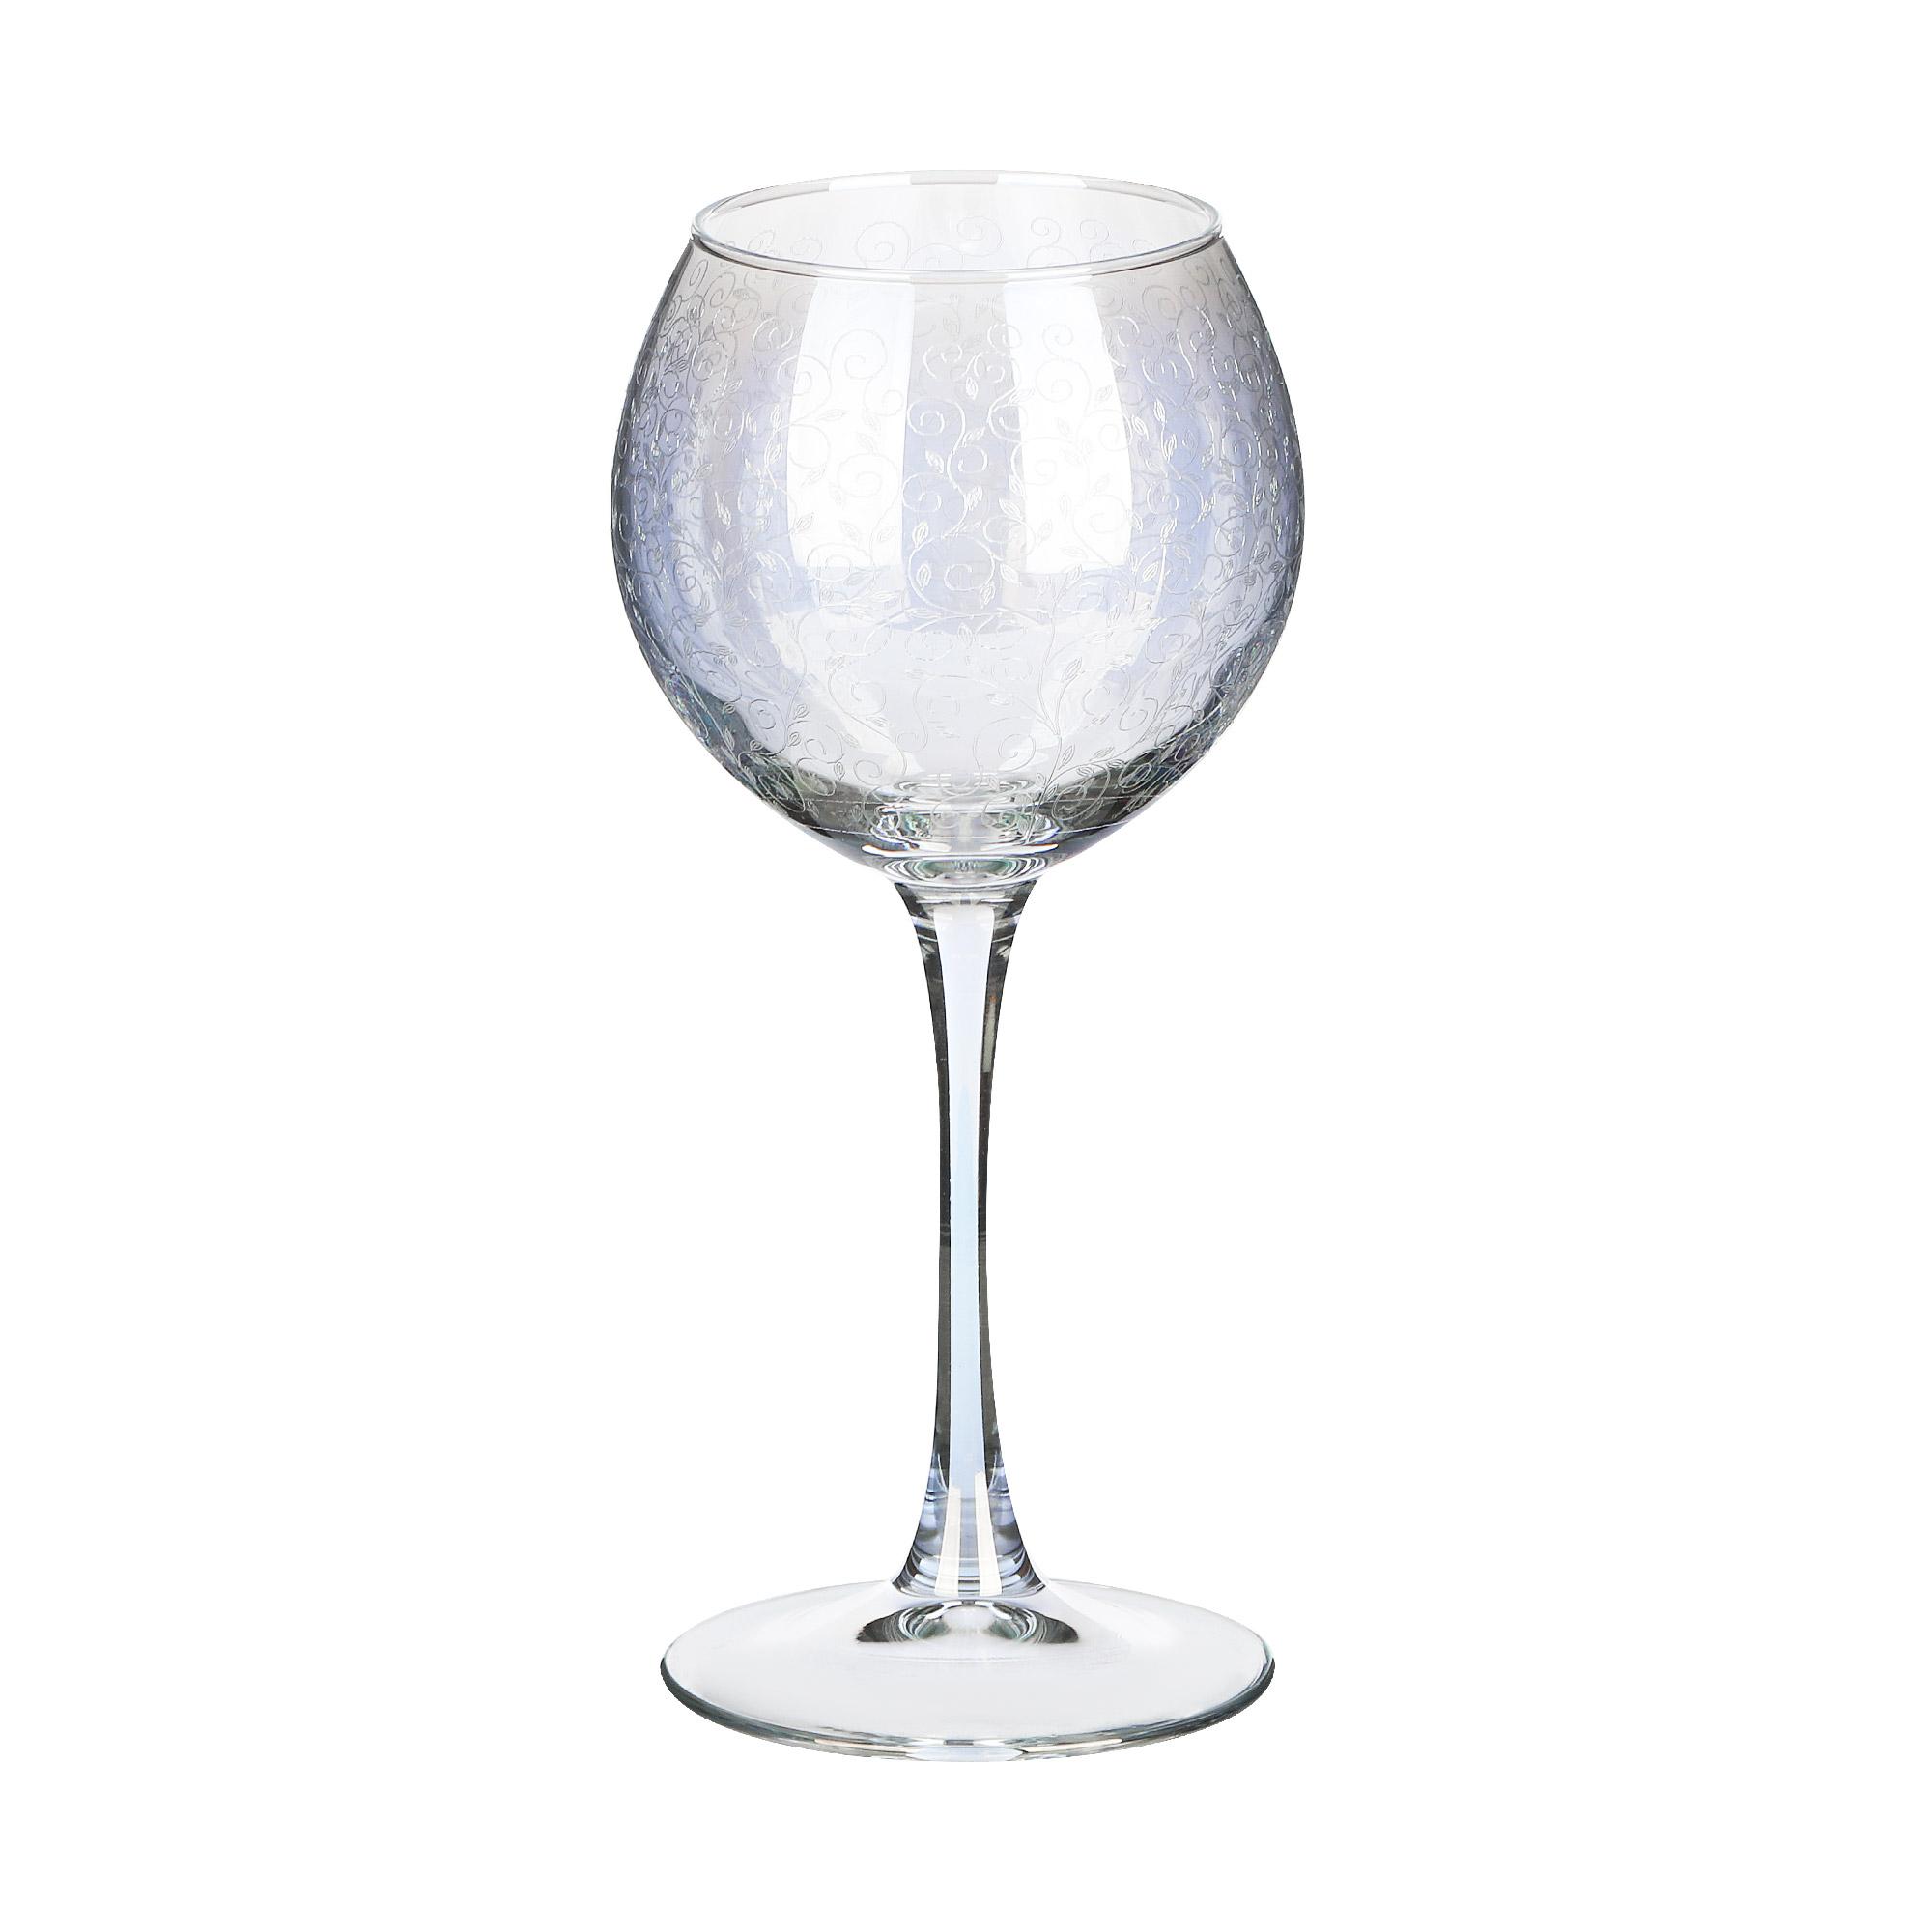 Набор фужеров Glasstar Весенний 350 мл 6 шт набор стаканов glasstar графитовый омбре 310 мл 6 шт